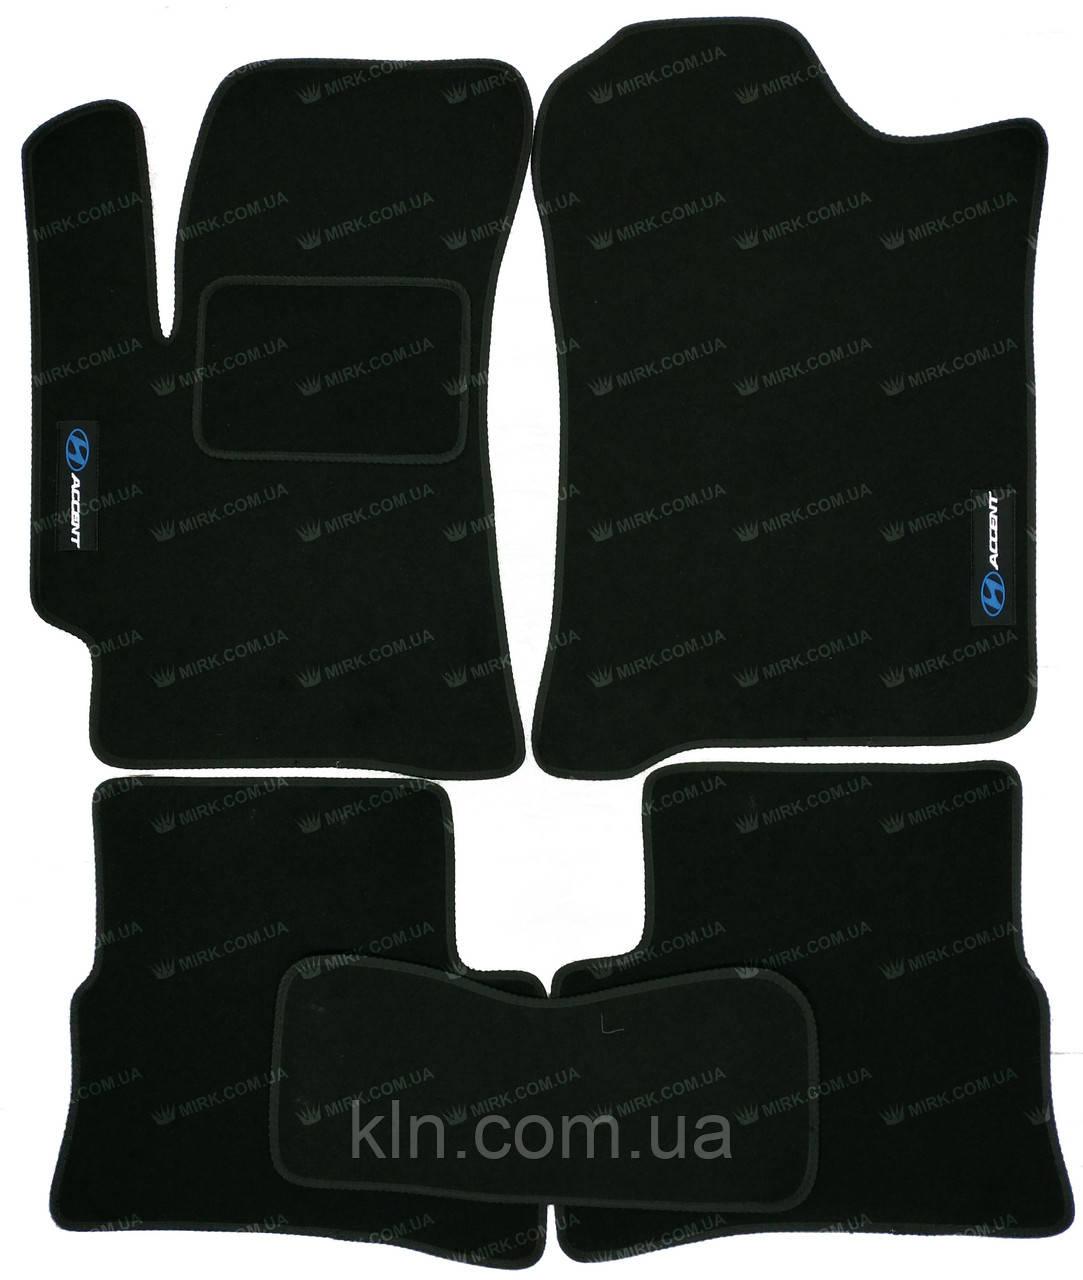 Коврики Hyundai Accent (Verna) 2006-2010 текстильные Standart